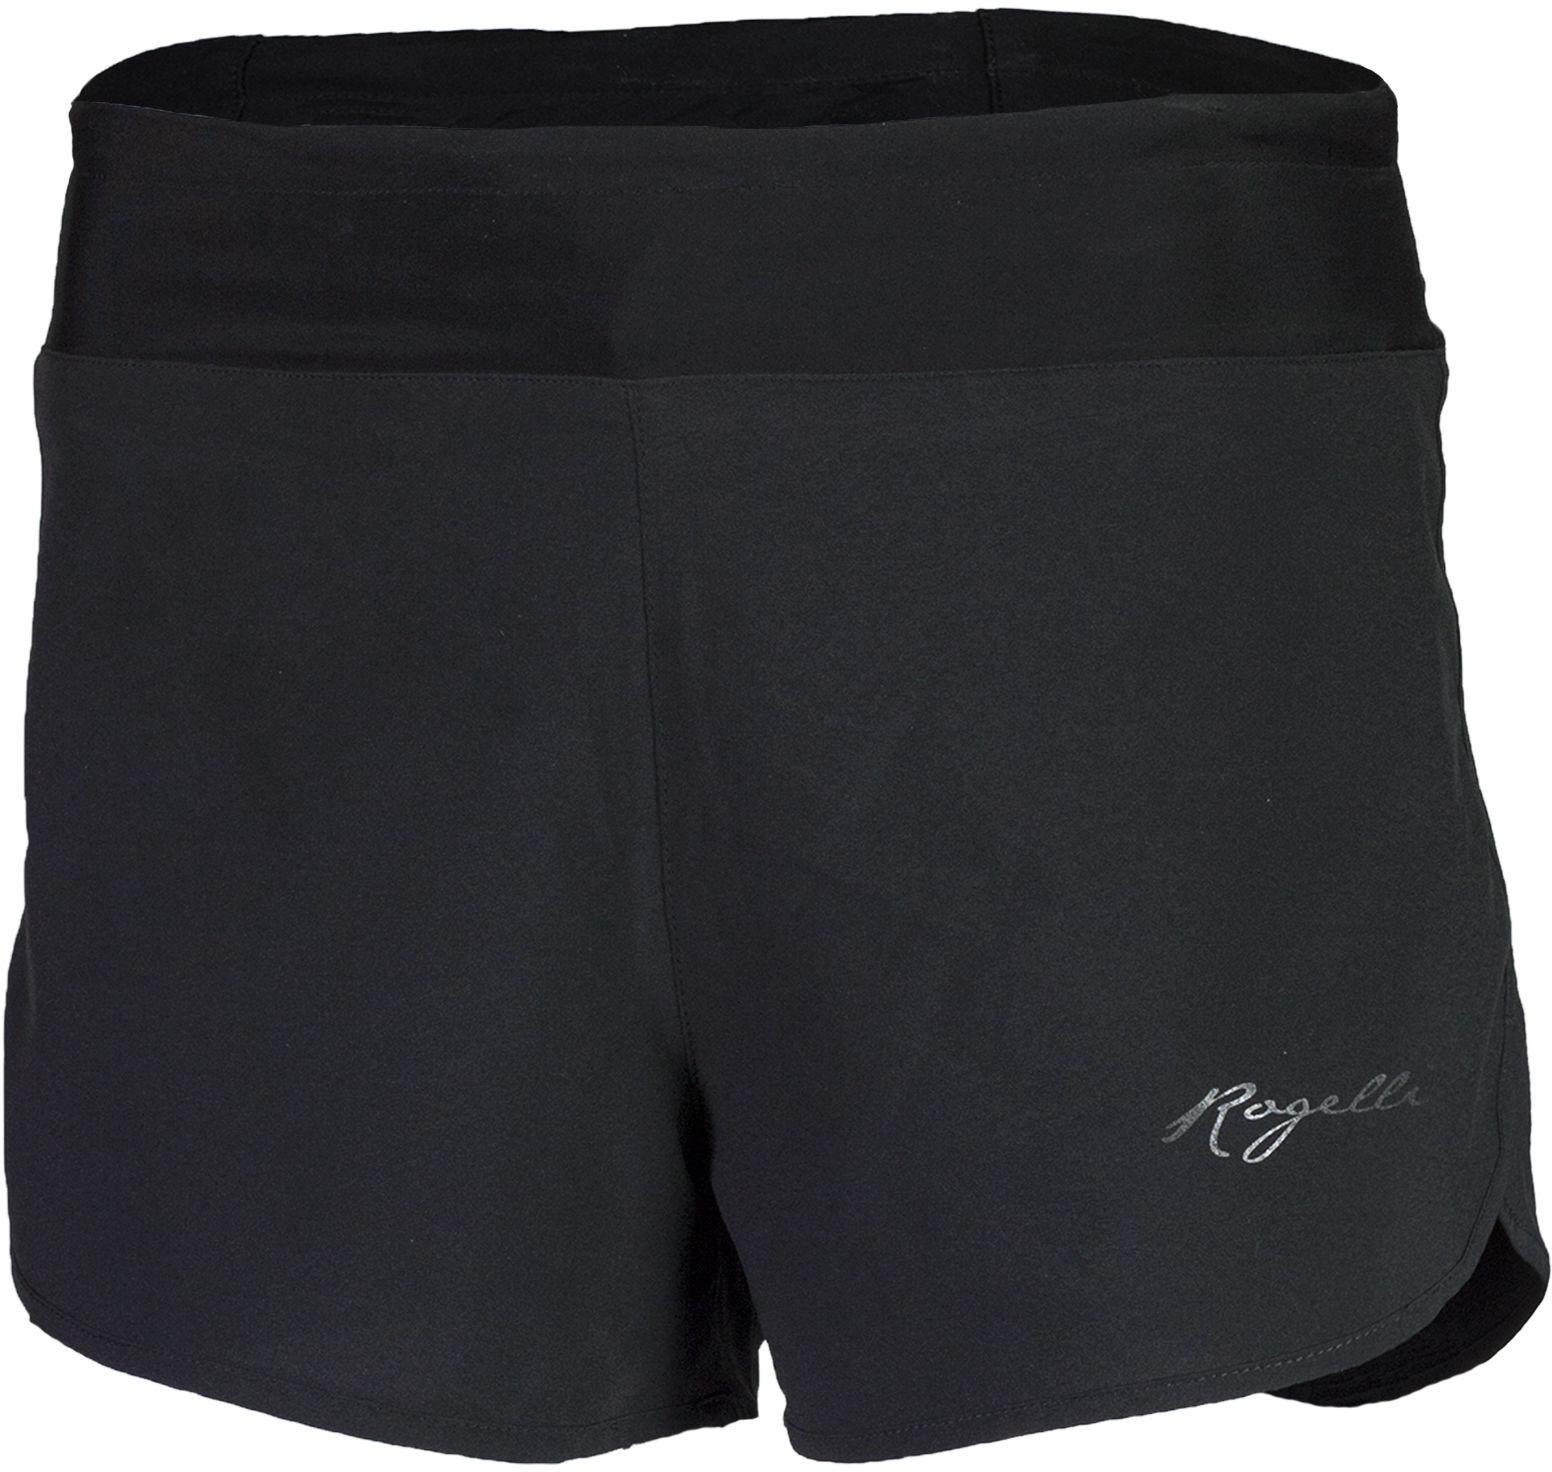 ROGELLI MEA damskie szorty do biegania, czarne 801.004 Rozmiar: XL,rogmeablack